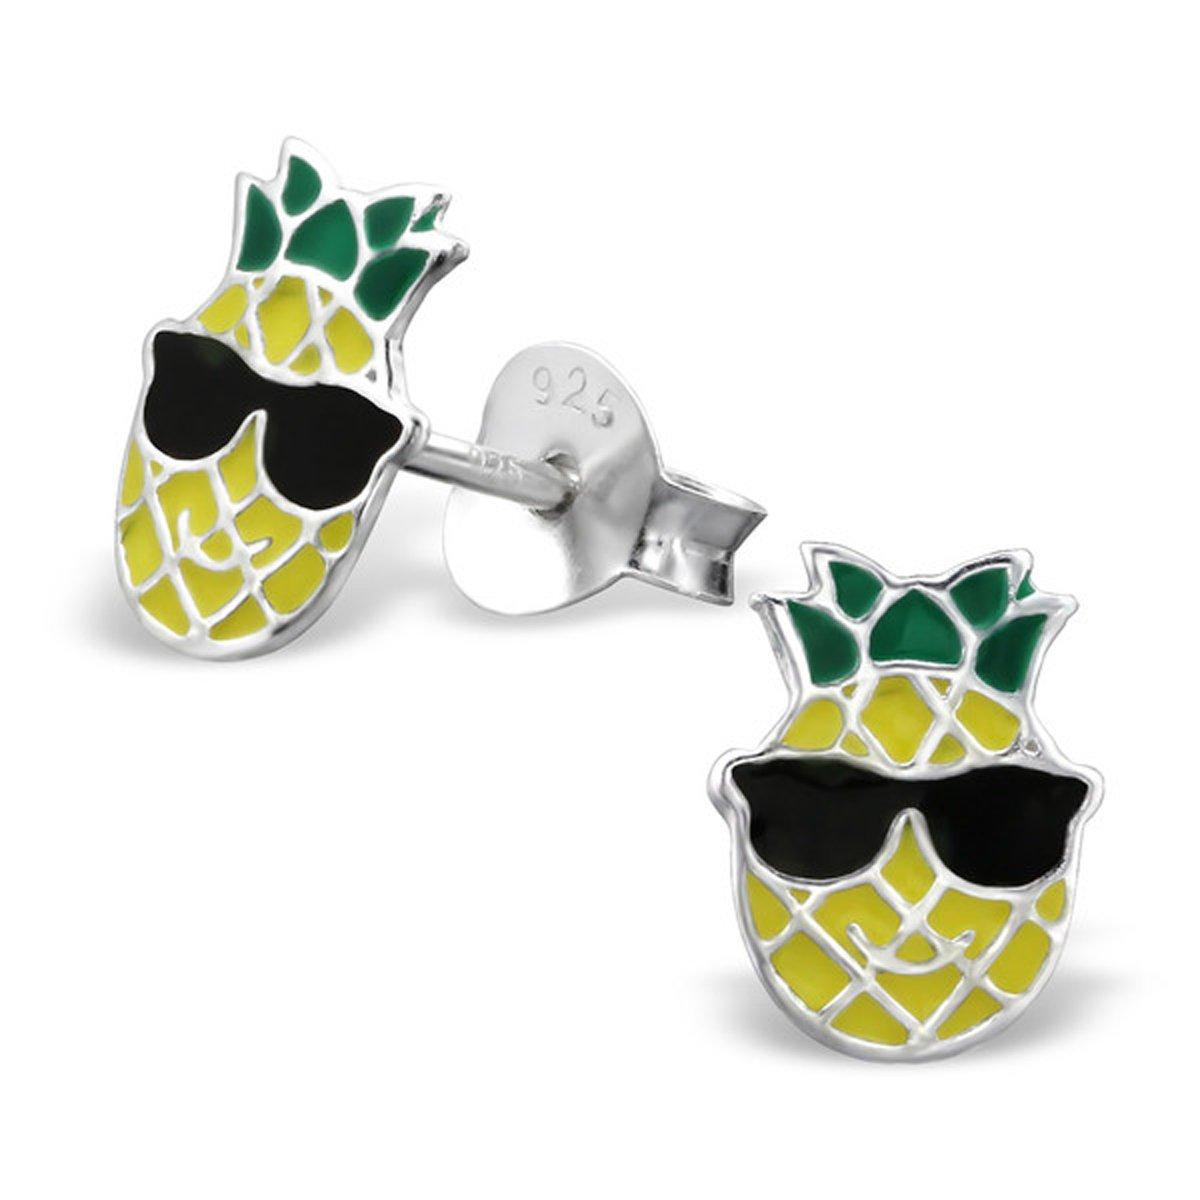 Cute Happy Pineapple Studs Earrings Children Girls Earrings Nickel Free Sterling Silver 925 (E26297)